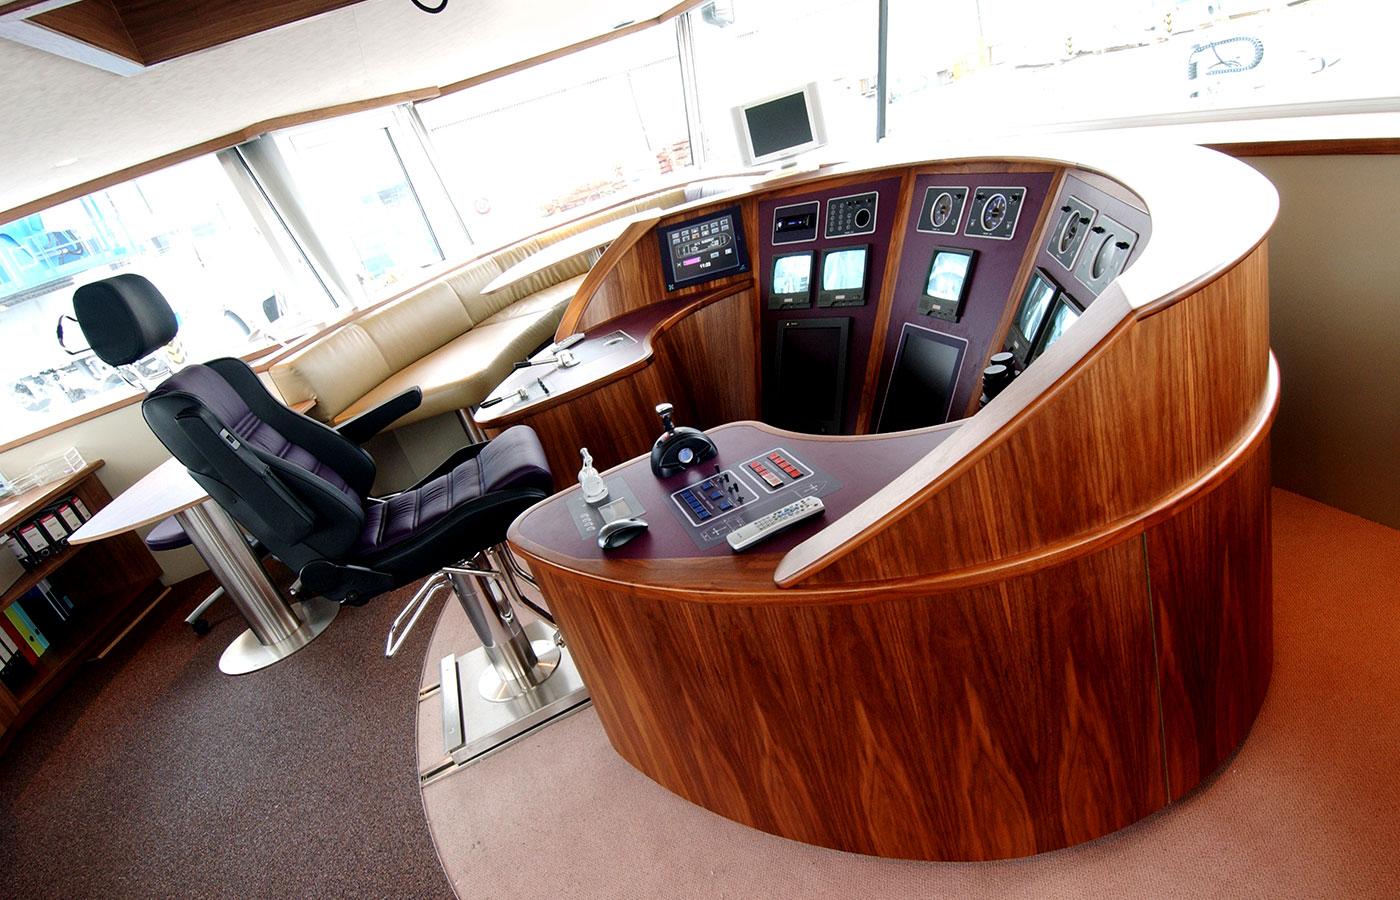 Elft-scheepinterieur-projecten-1-interieur-inrichting